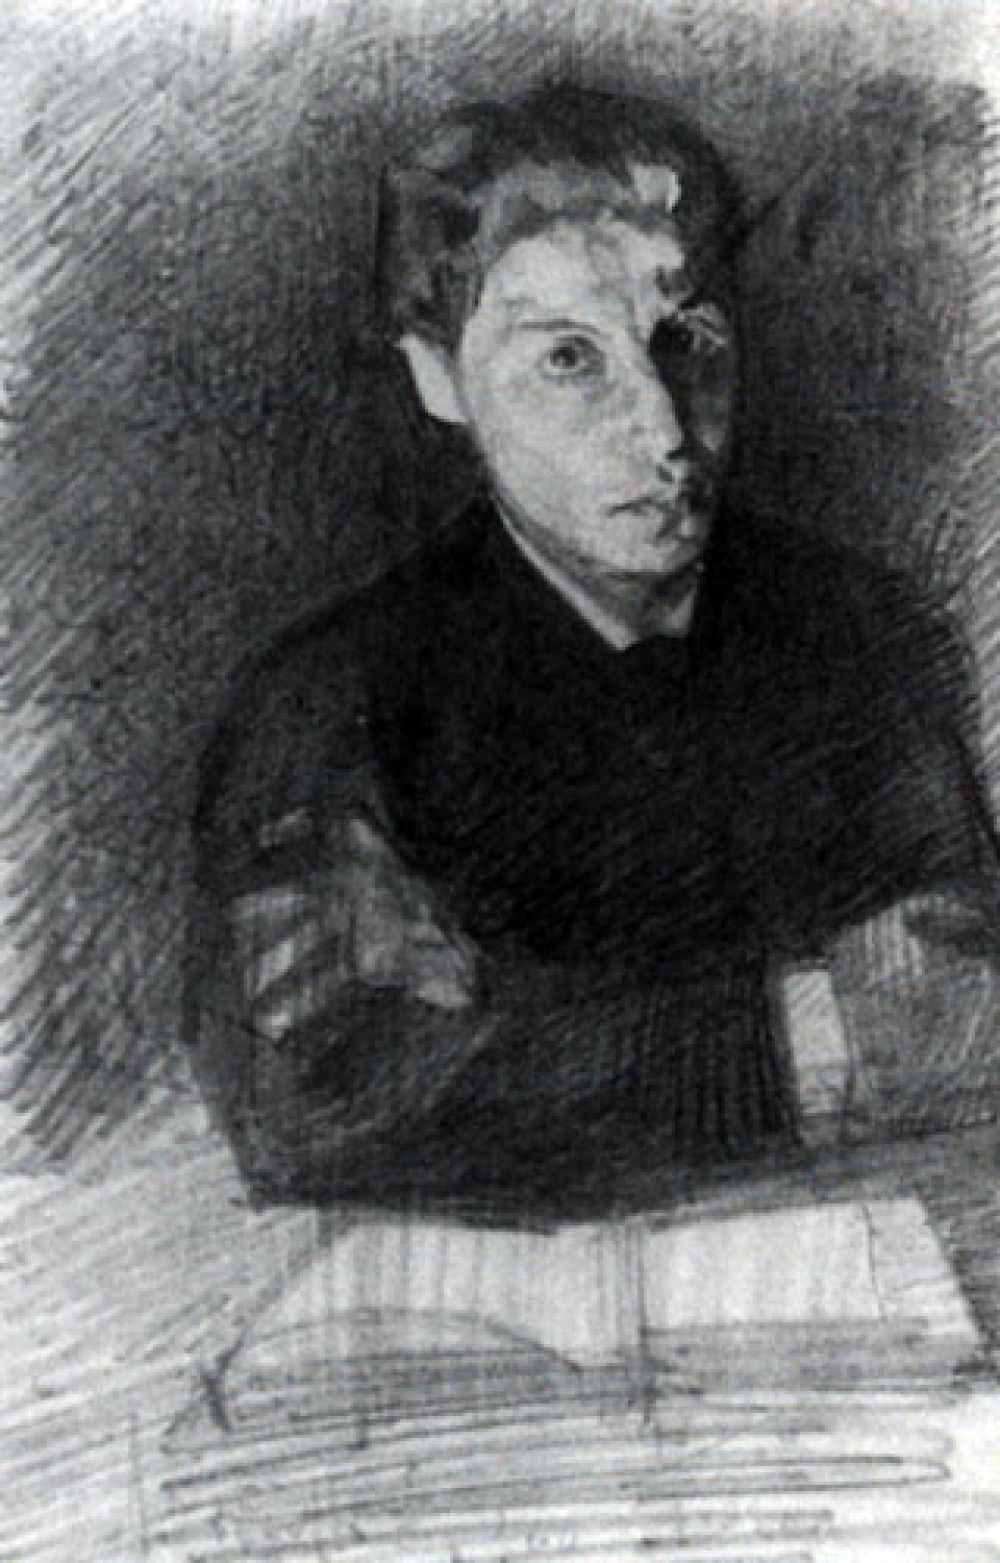 Михаил Врубель родился в семье военного офицера и детство провёл в разъездах. После школы Михаил поступил на юридический факультет Санкт-Петербургского университета. Впрочем, учёба будущему художнику быстро наскучила – его увлекали философия, опера и живопись.